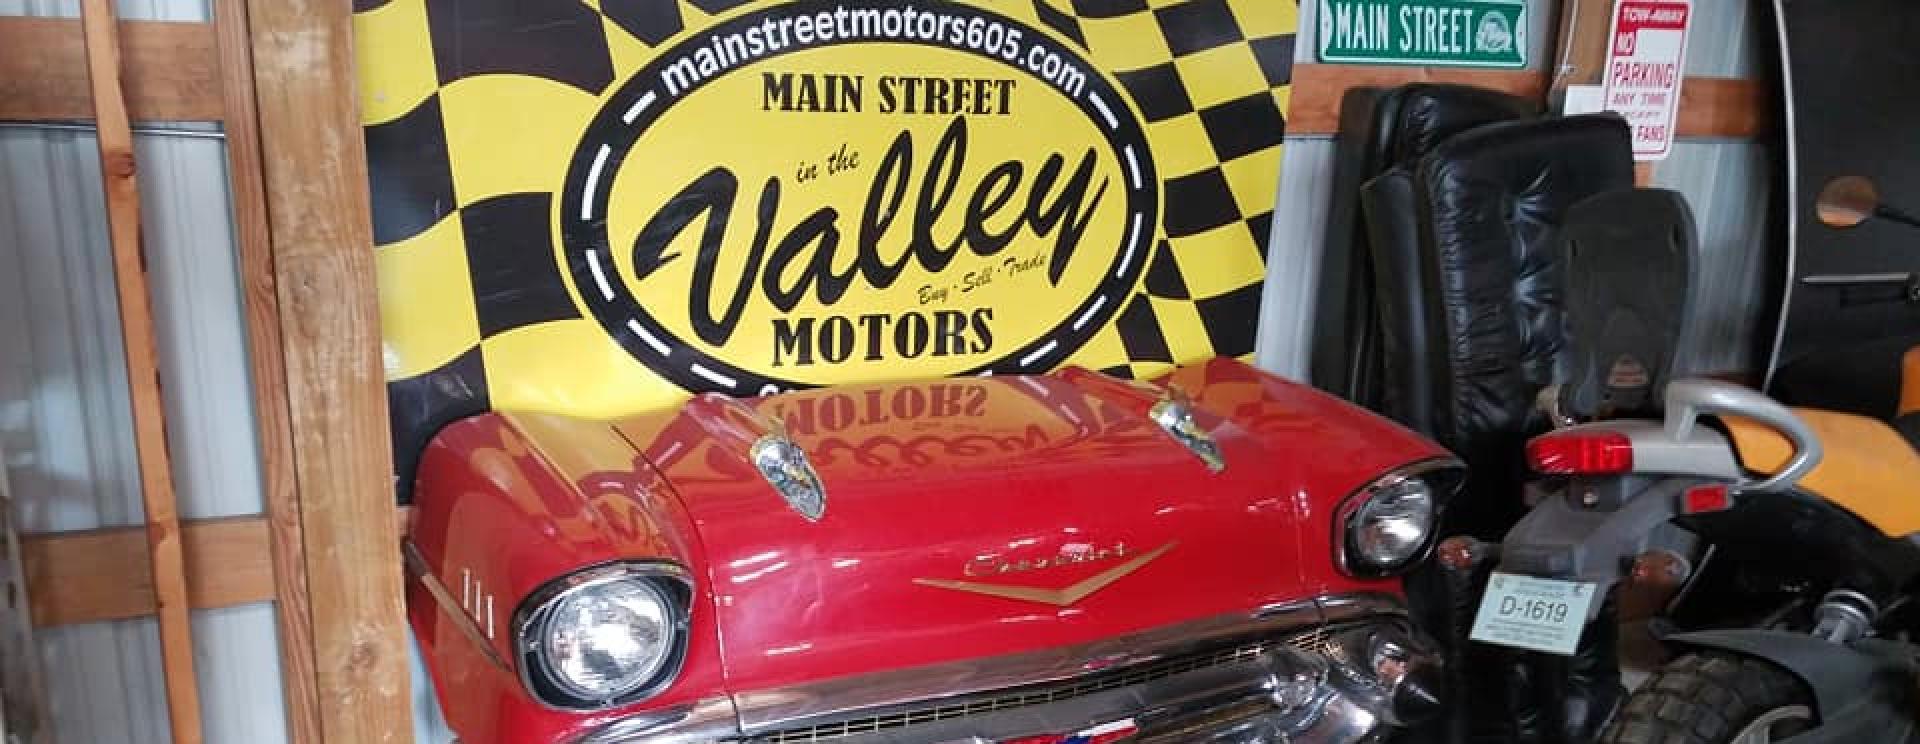 Main Street Classic Car Museum